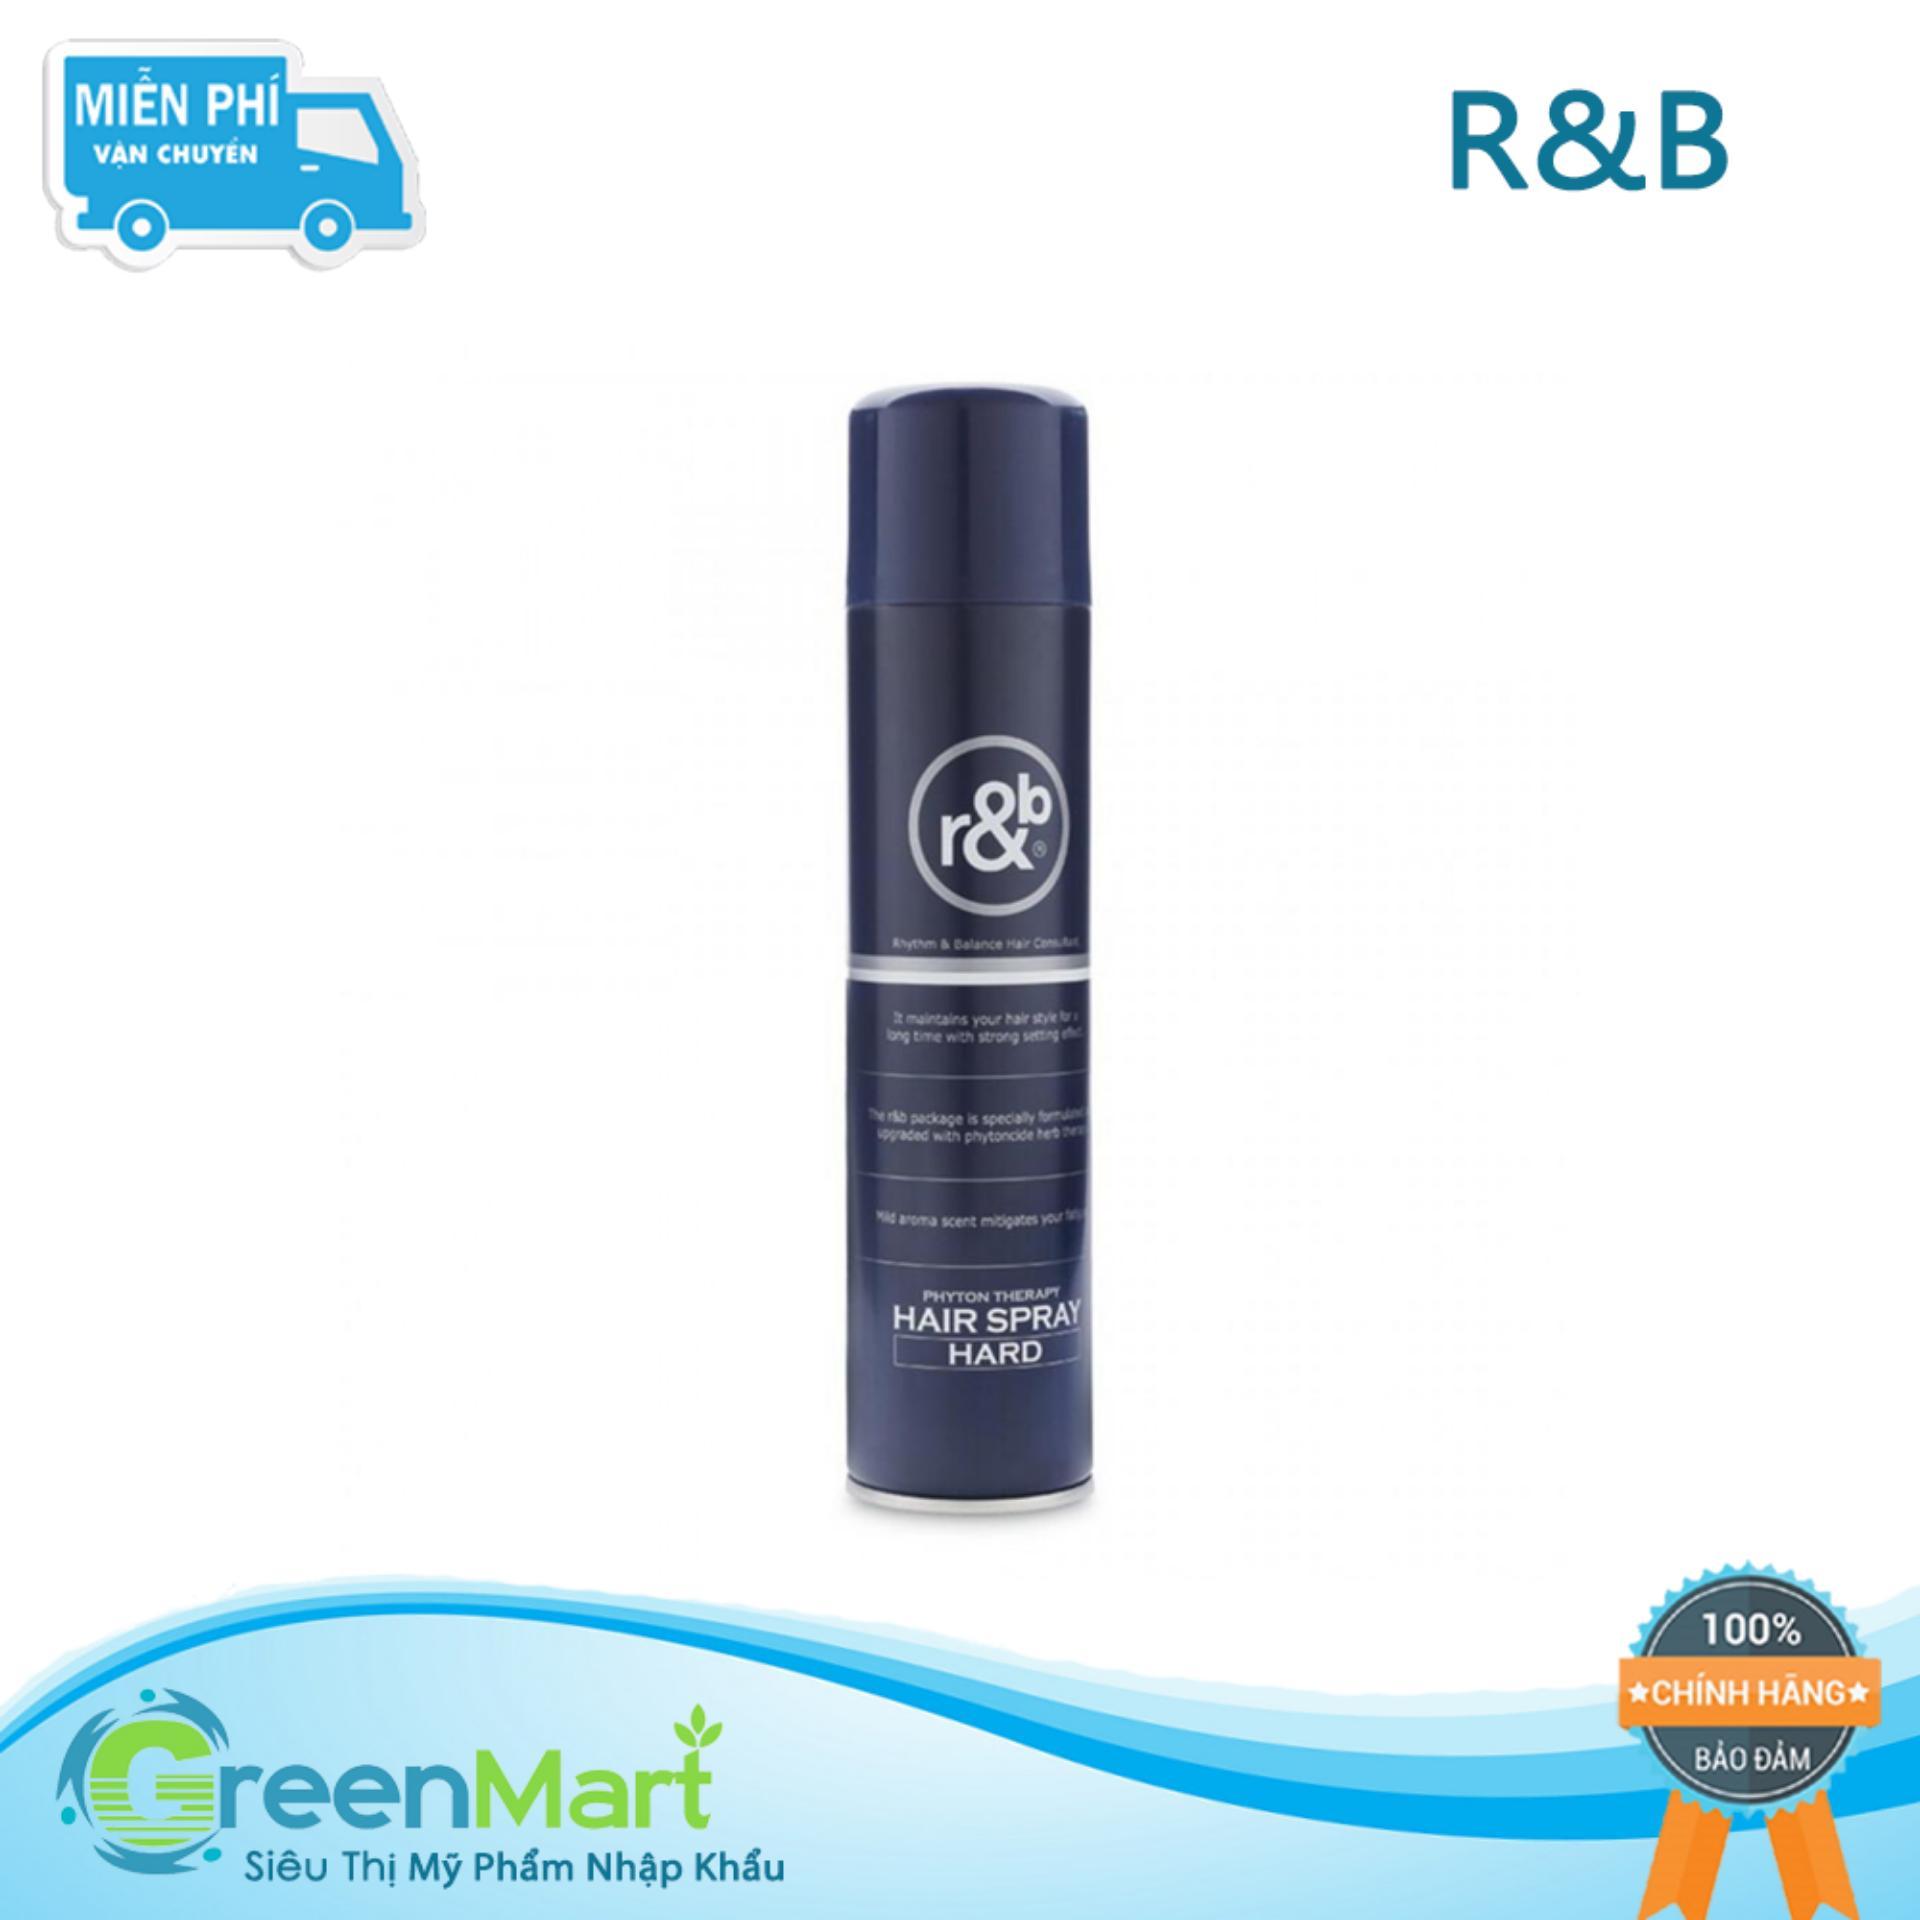 Keo xịt tạo kiểu giữ nếp tóc Hàn Quốc R&B Hair Spray Hard 300ml